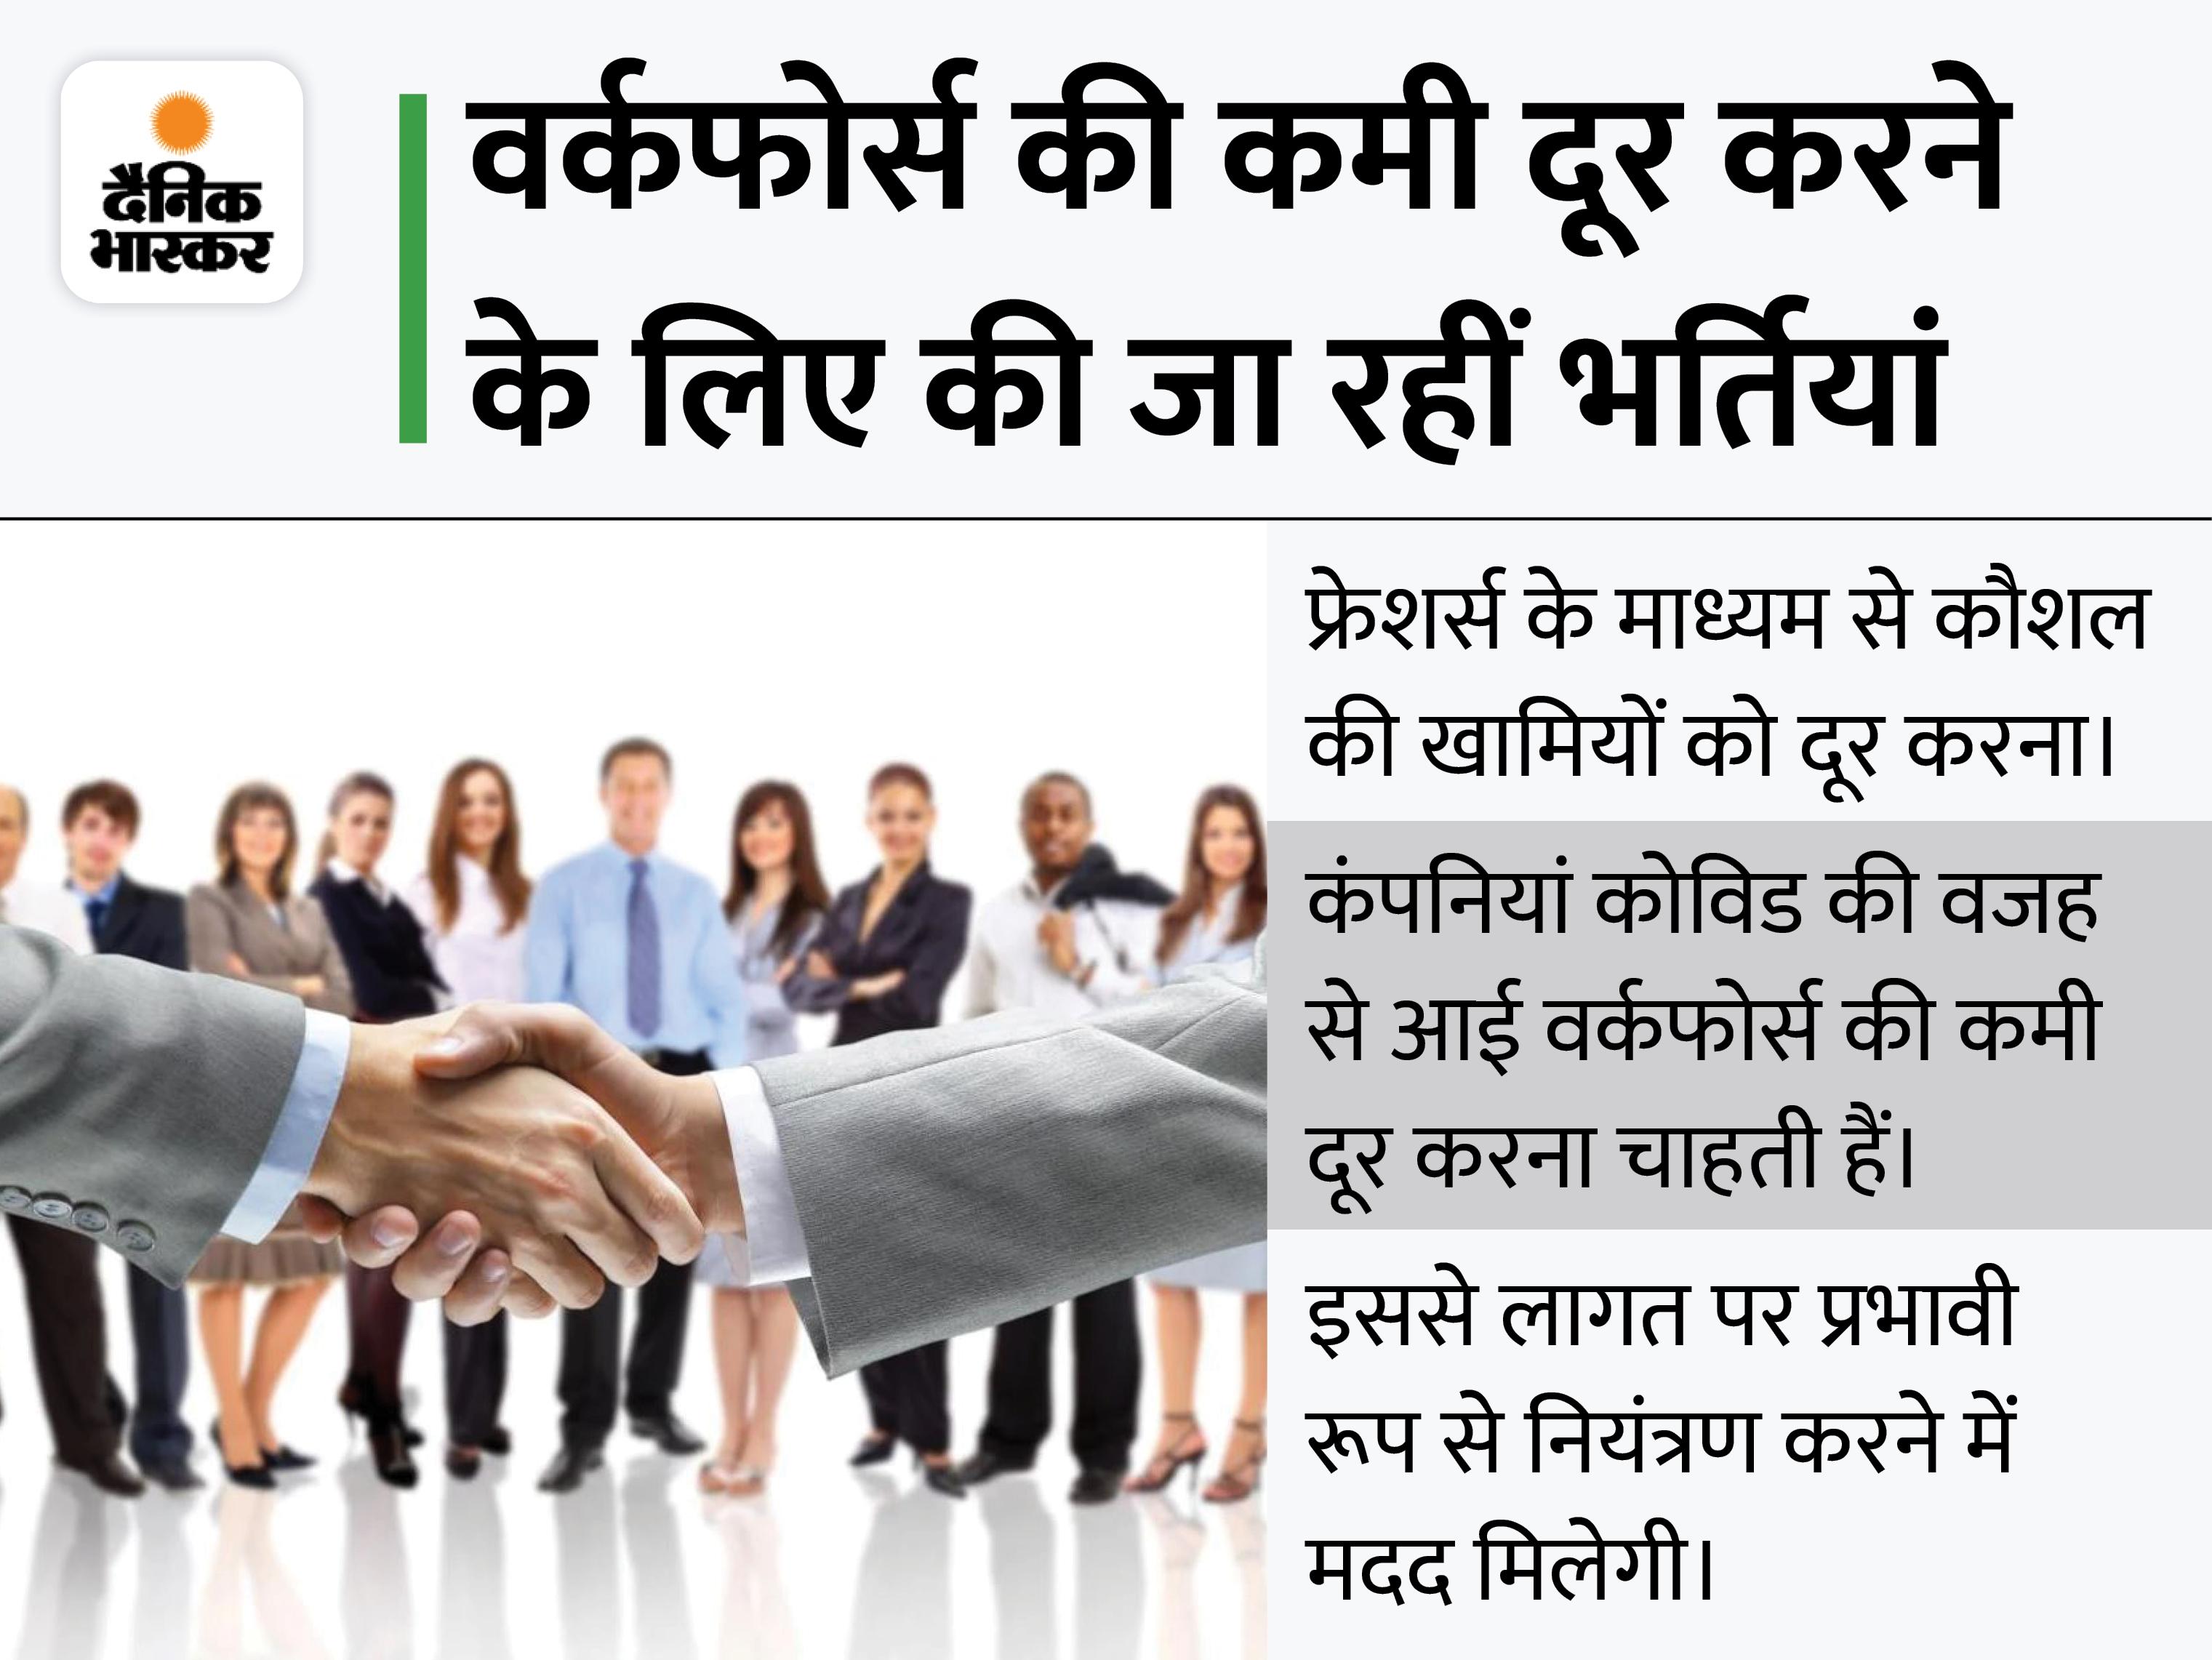 सीनियर पदों पर भर्ती करने के बाद अब फ्रेशर्स की तलाश में भारतीय कंपनियां|बिजनेस,Business - Dainik Bhaskar